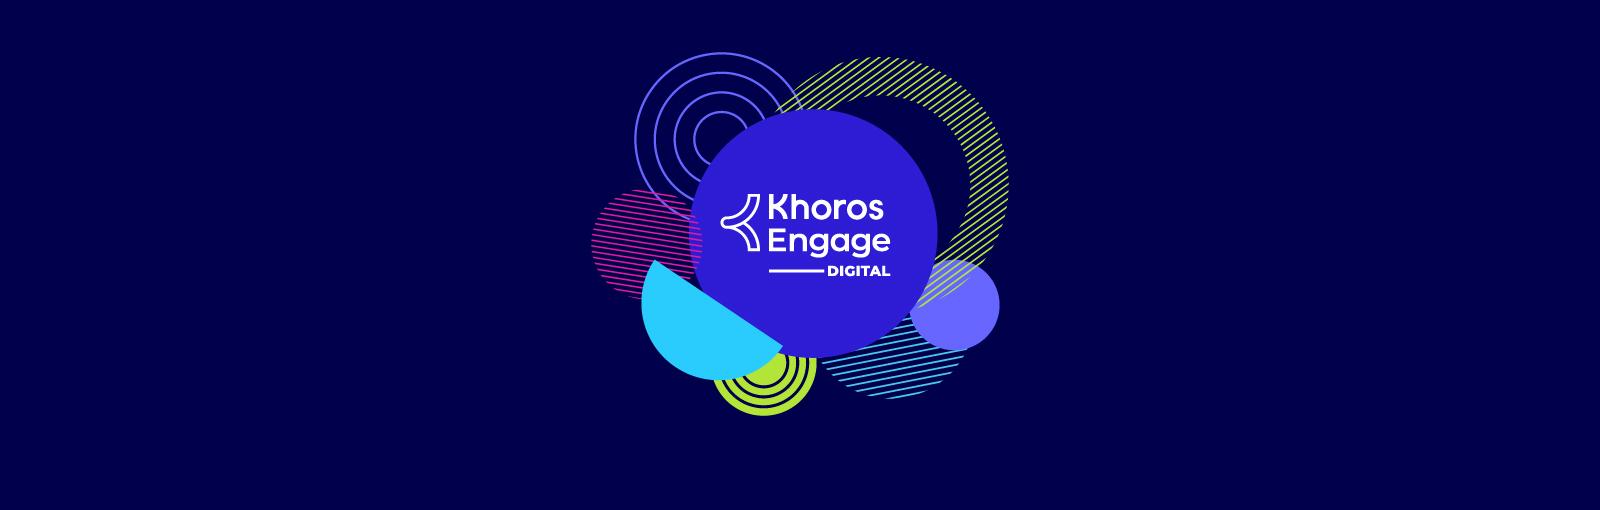 Khoros Engage